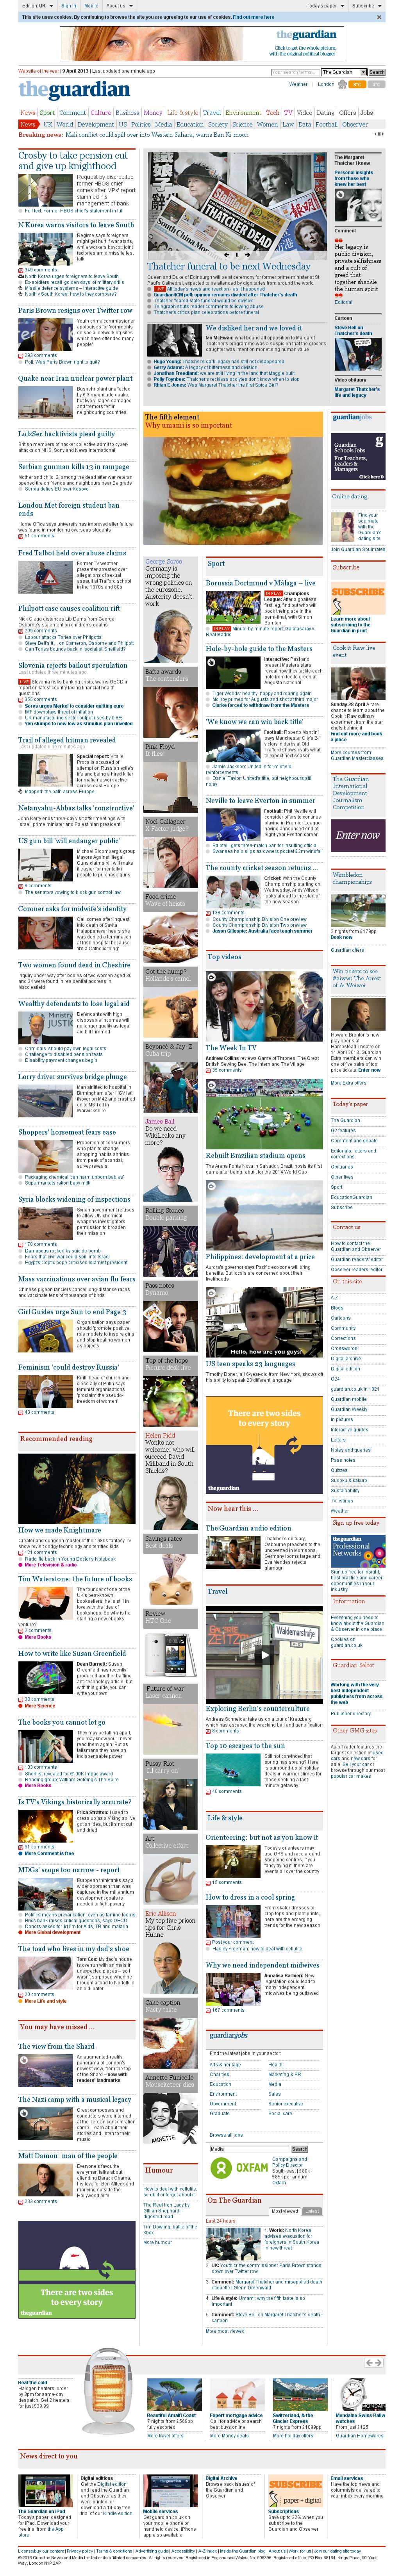 The Guardian at Tuesday April 9, 2013, 6:09 p.m. UTC